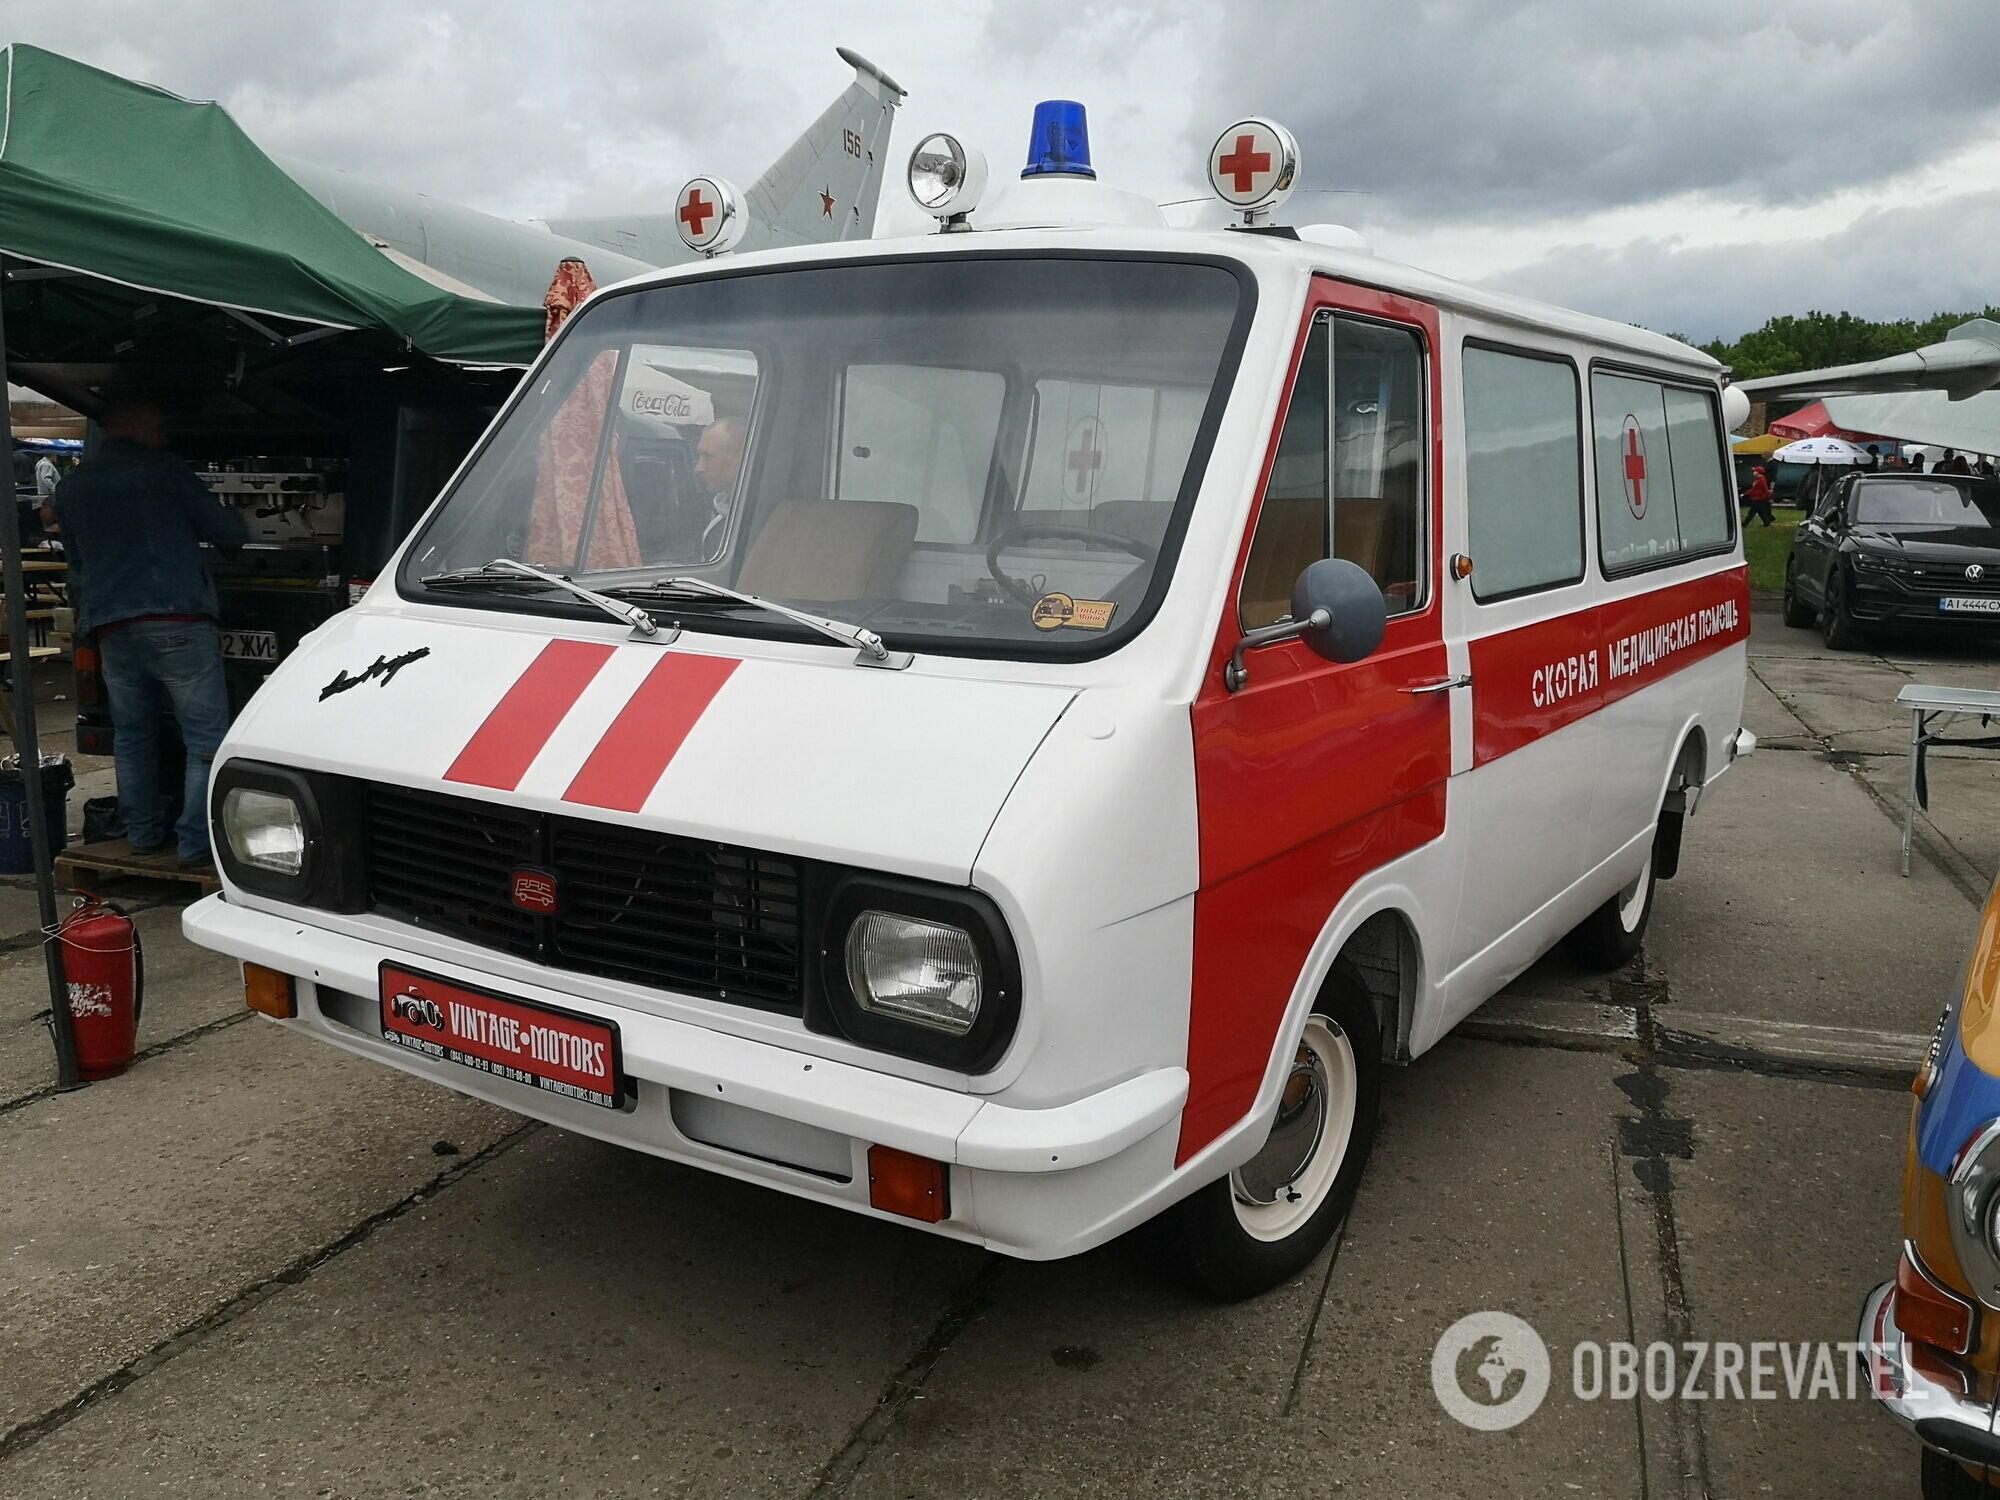 """РАФ-2203 """"Латвия"""" стал звездой экспозиции среди спецтехники"""